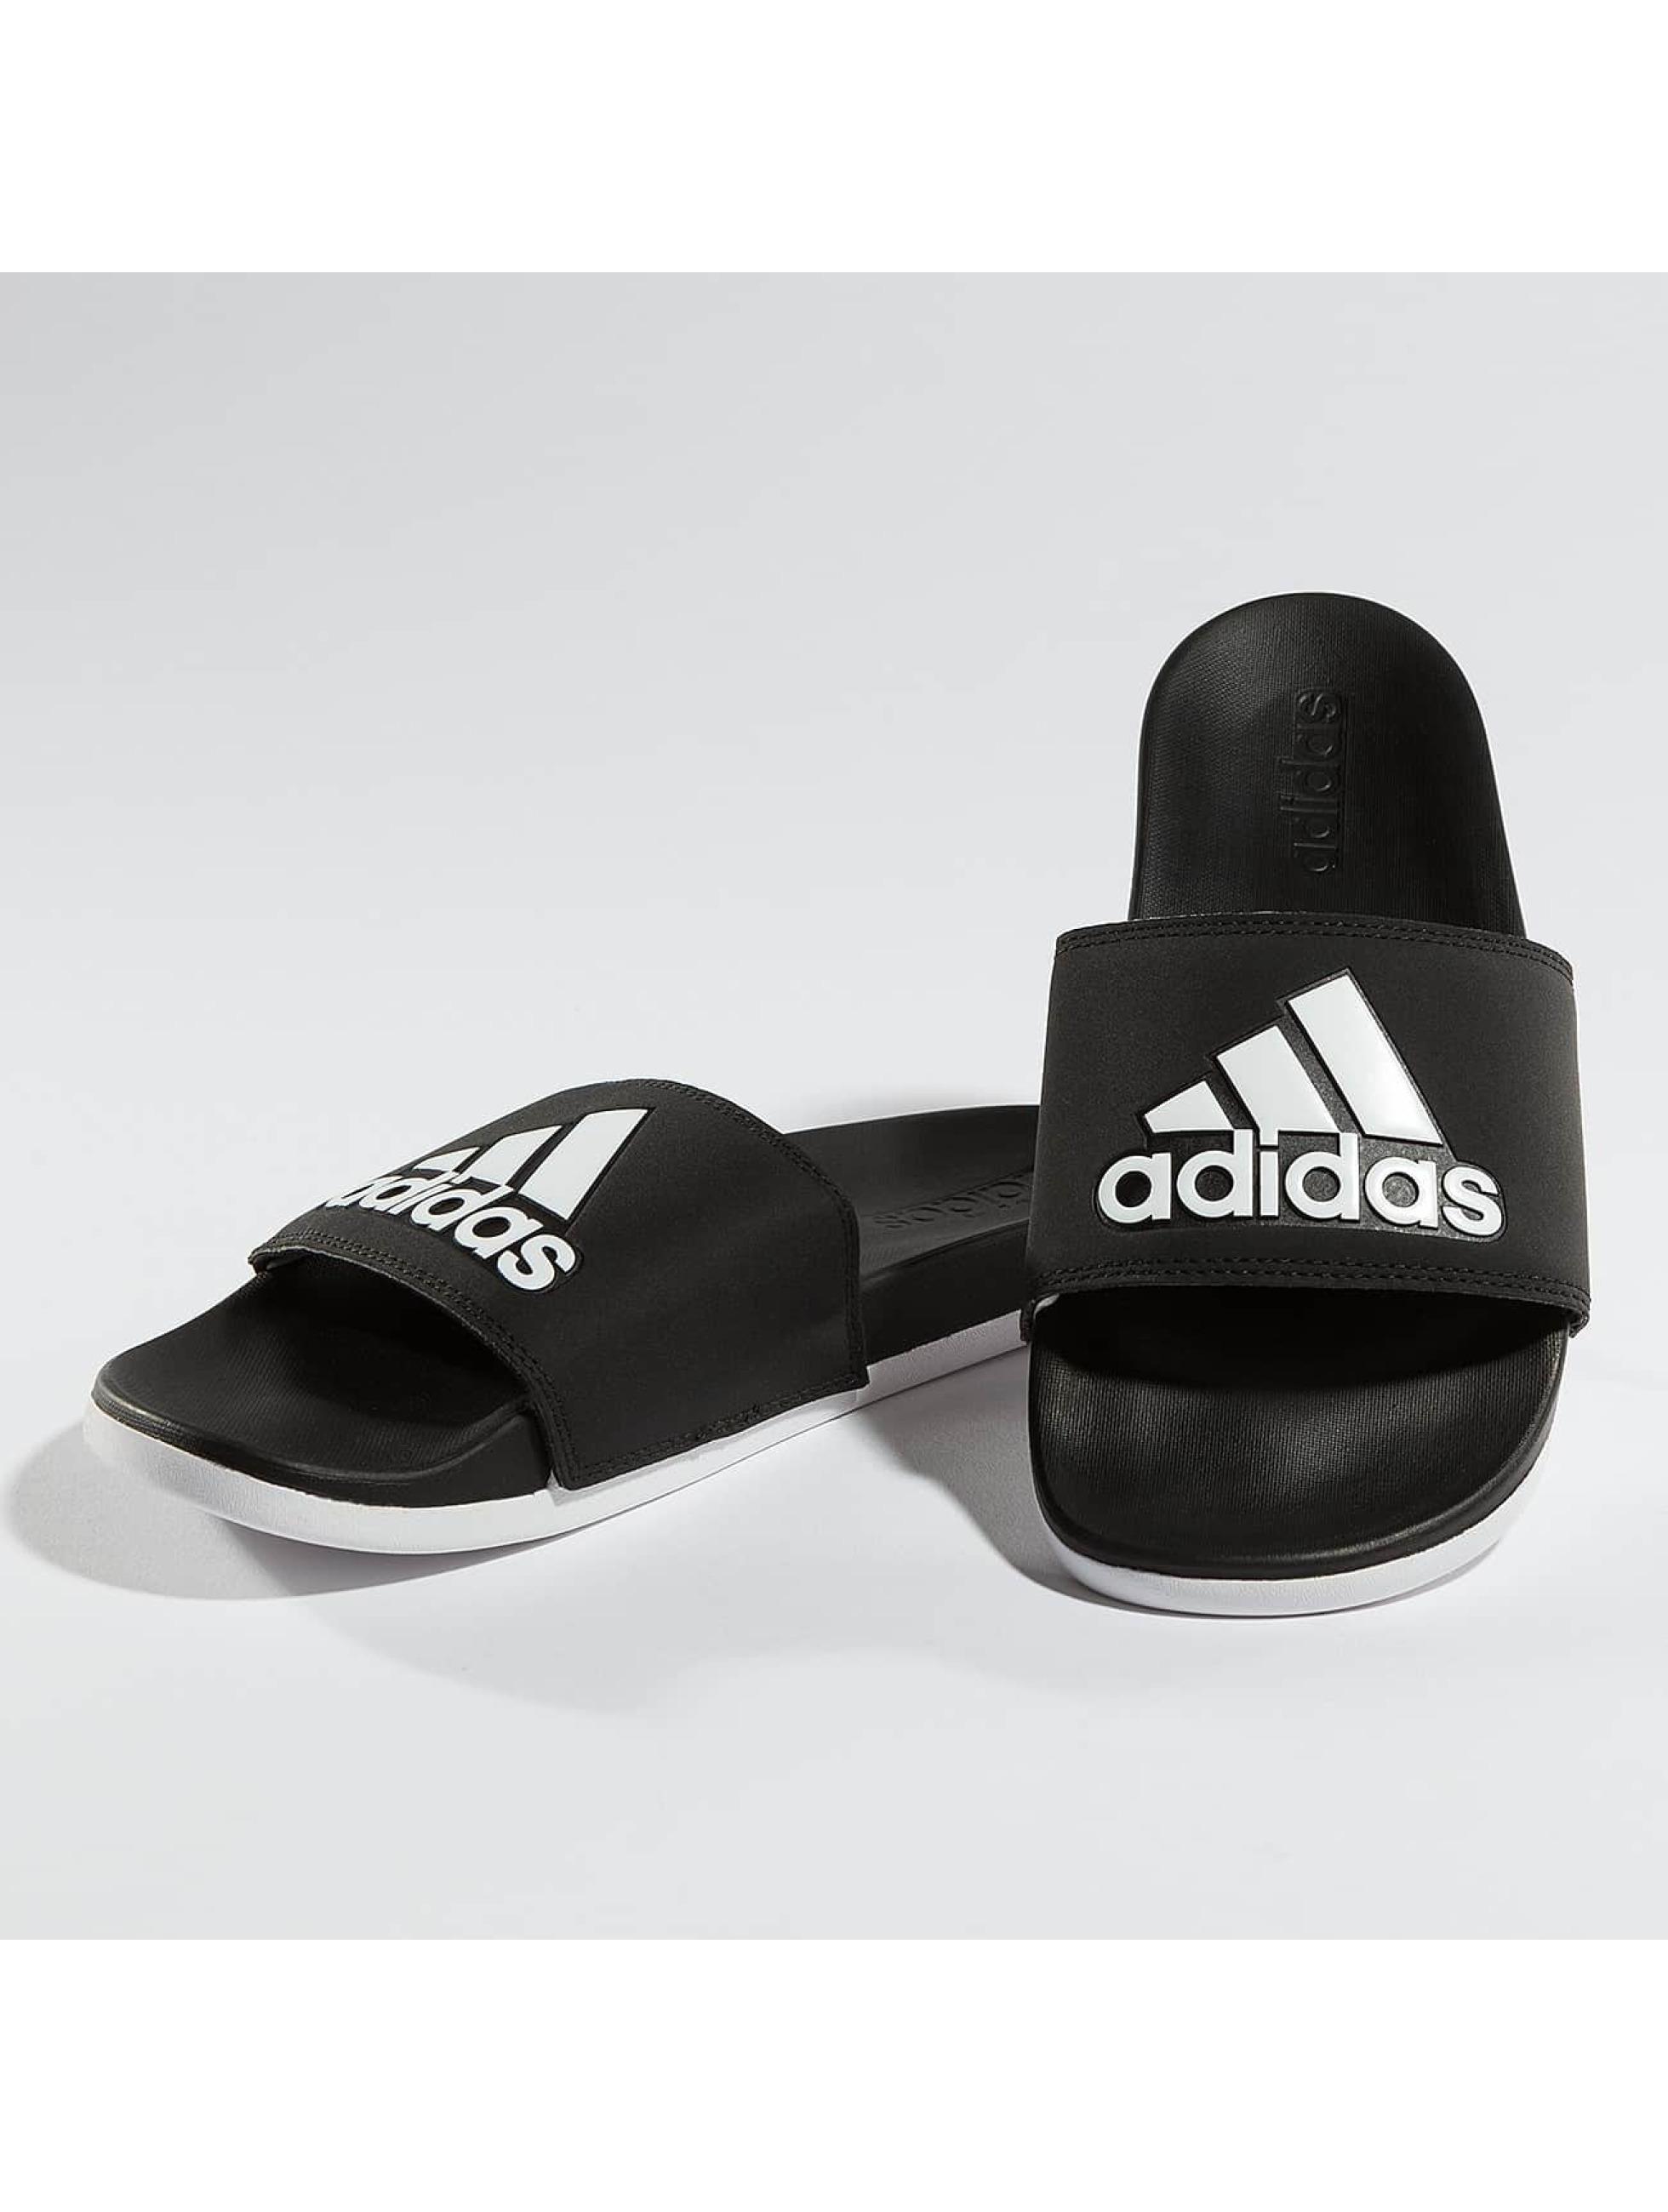 adidas Performance Sandals Adilette Comfort black